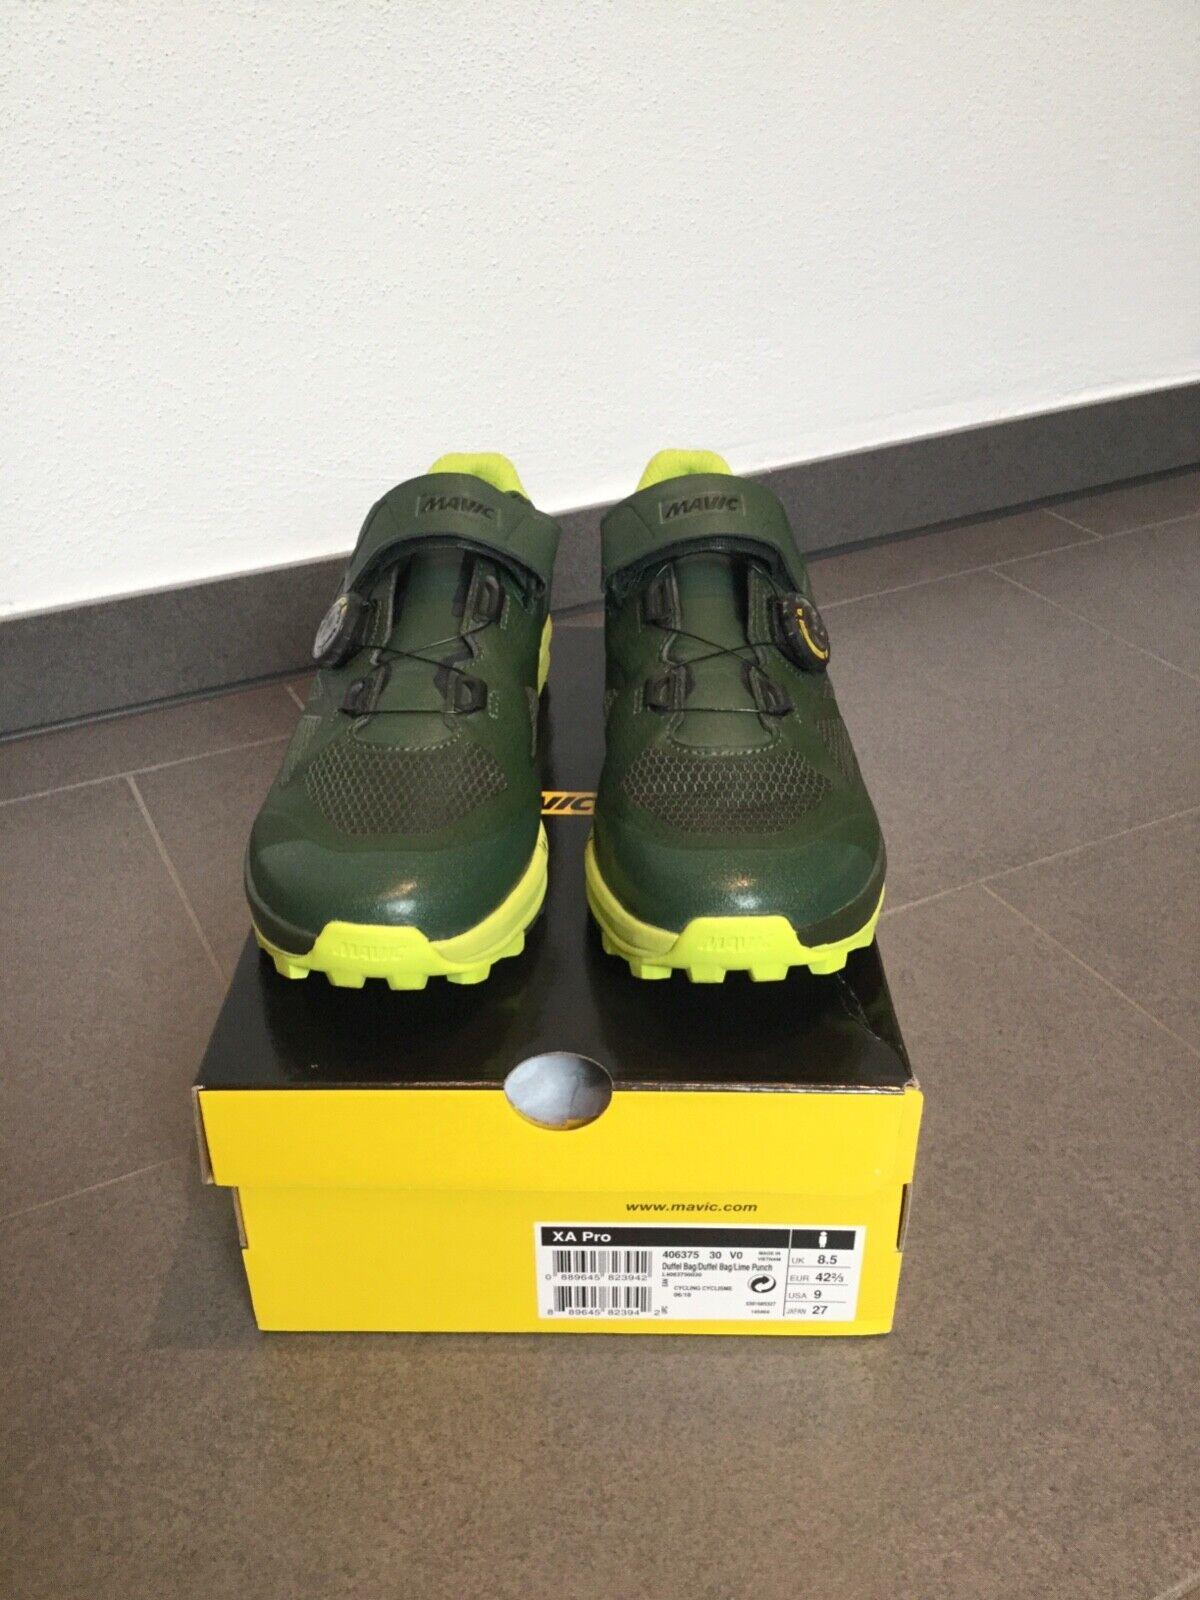 Mavic XA Pro MTB Schuh Größe 42 2/3 oder UK 8.5 neuwertig 1x getragen